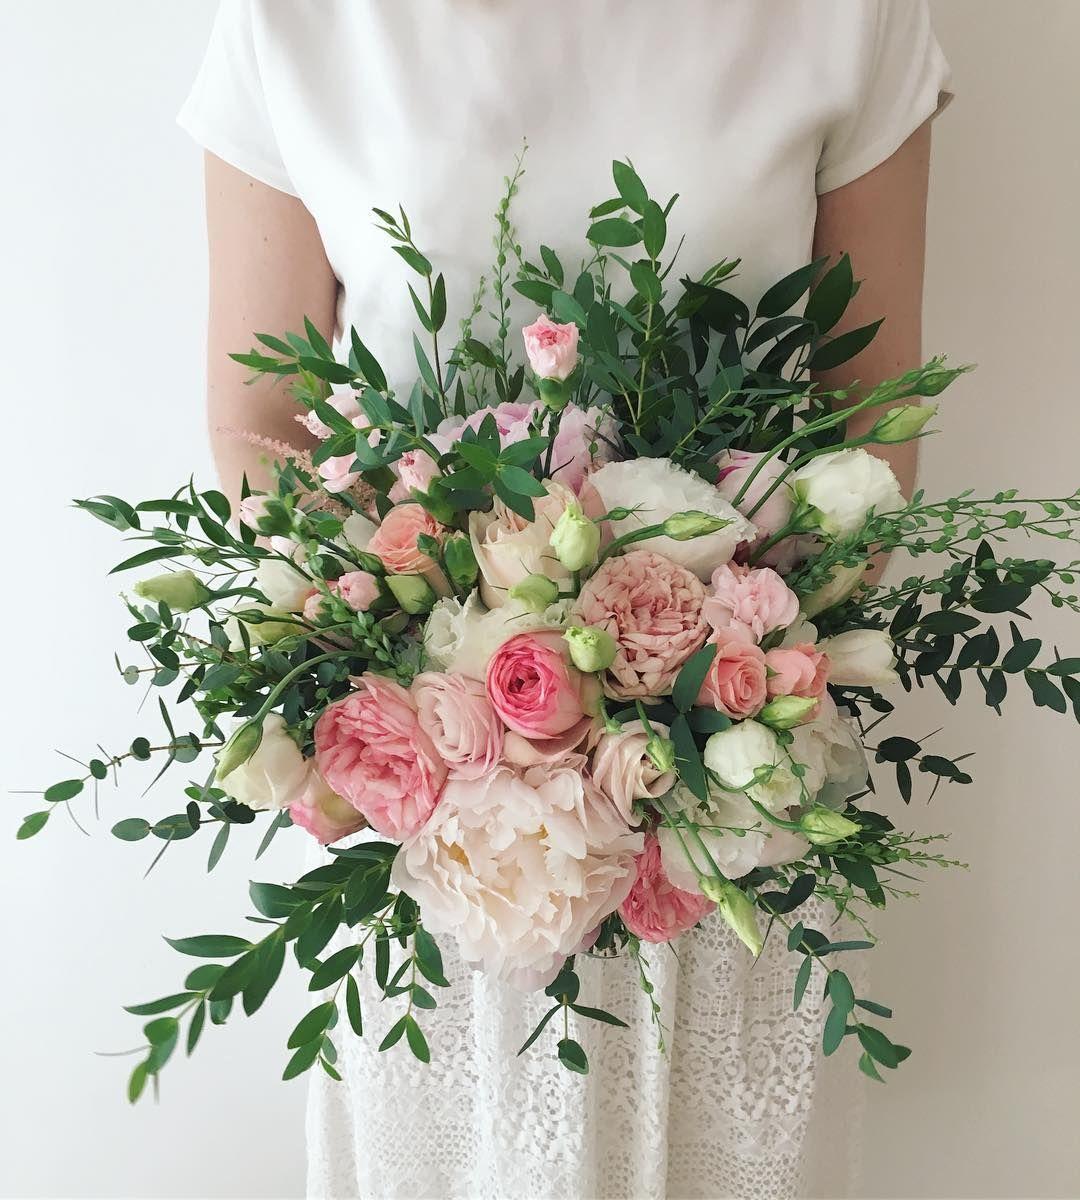 Koncowka Czerwca Dzisiejszy Bukiet Dla K Kwiaty Bukiet Bukietslubny Lato Czerwiec Wesele Wedding Bouquets Floral Wreath Wedding